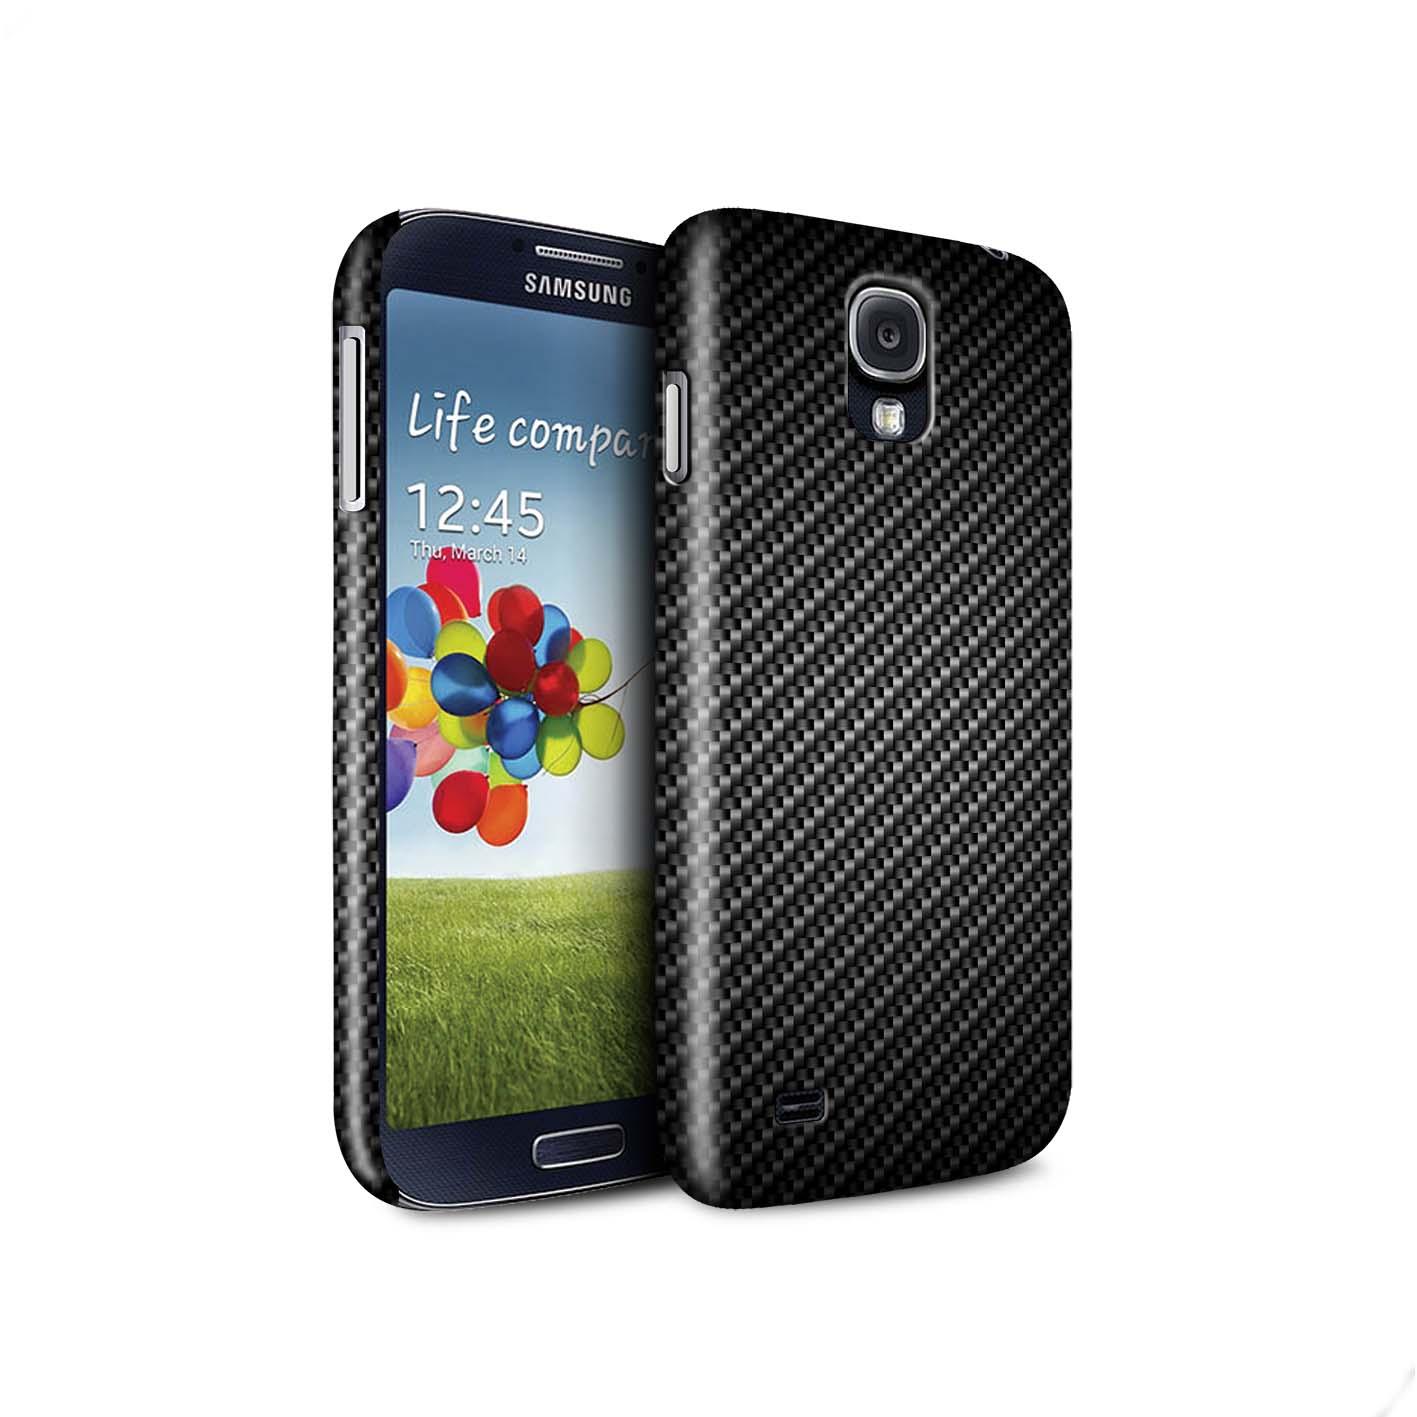 STUFF4-Coque-Matte-pour-Samsung-Galaxy-Motif-de-Fibre-de-Carbone-Housse-Etui